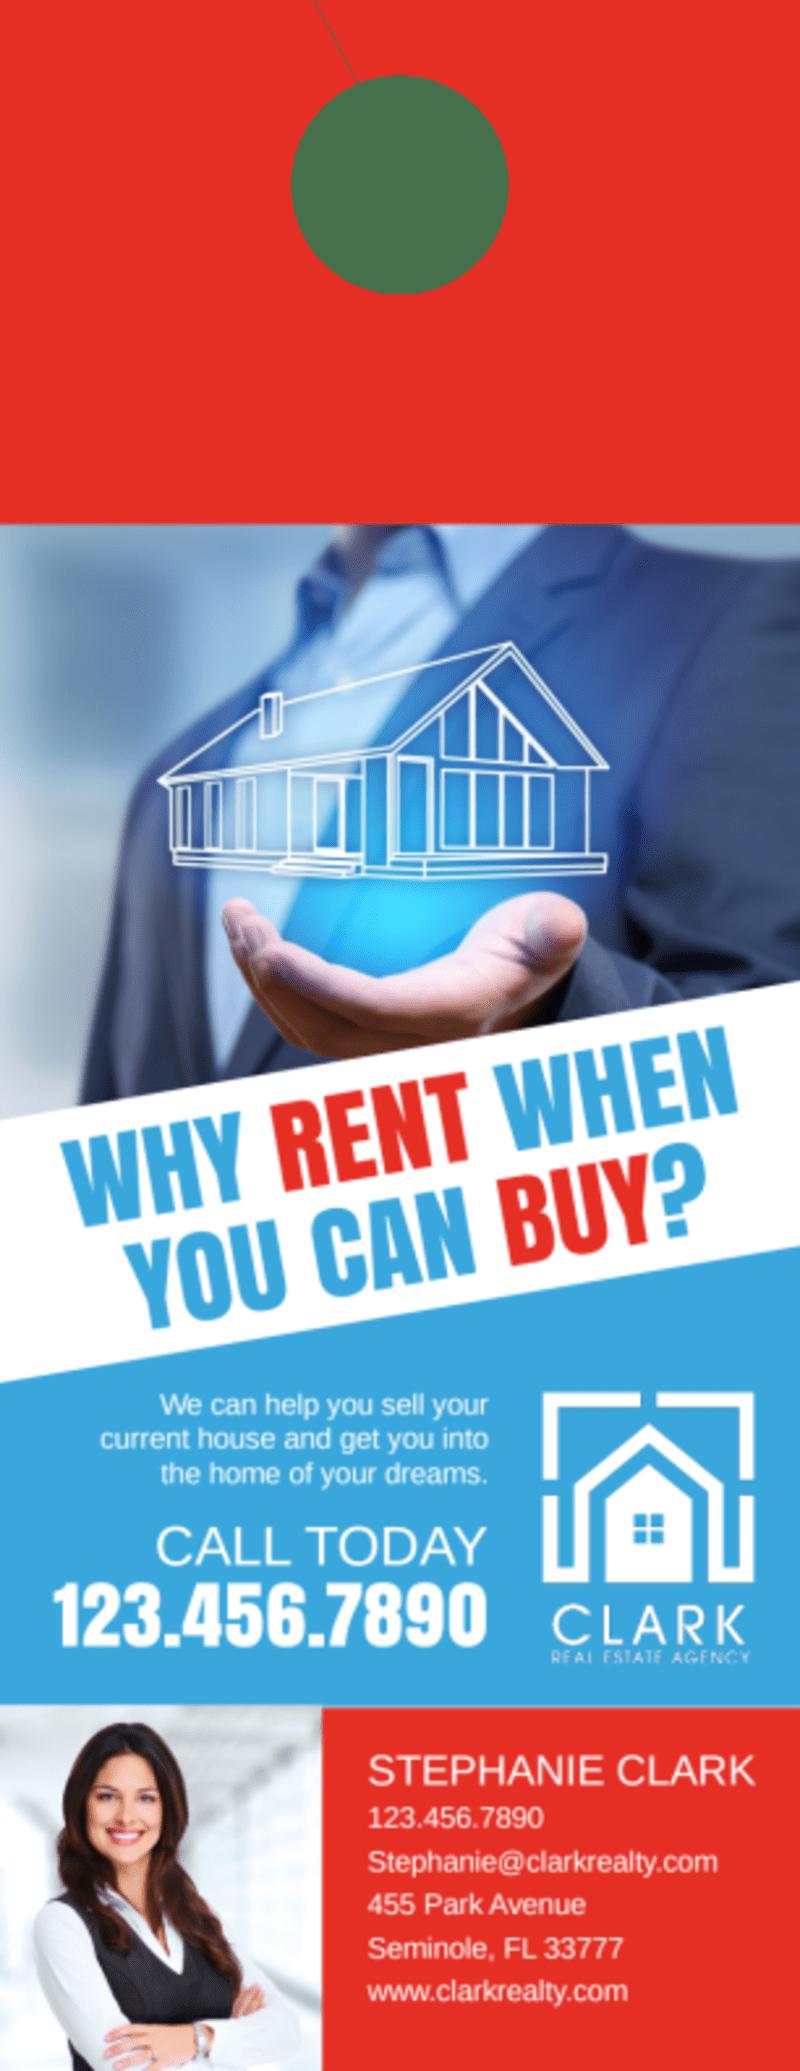 Buy VS Rent Door Hanger Template Preview 2